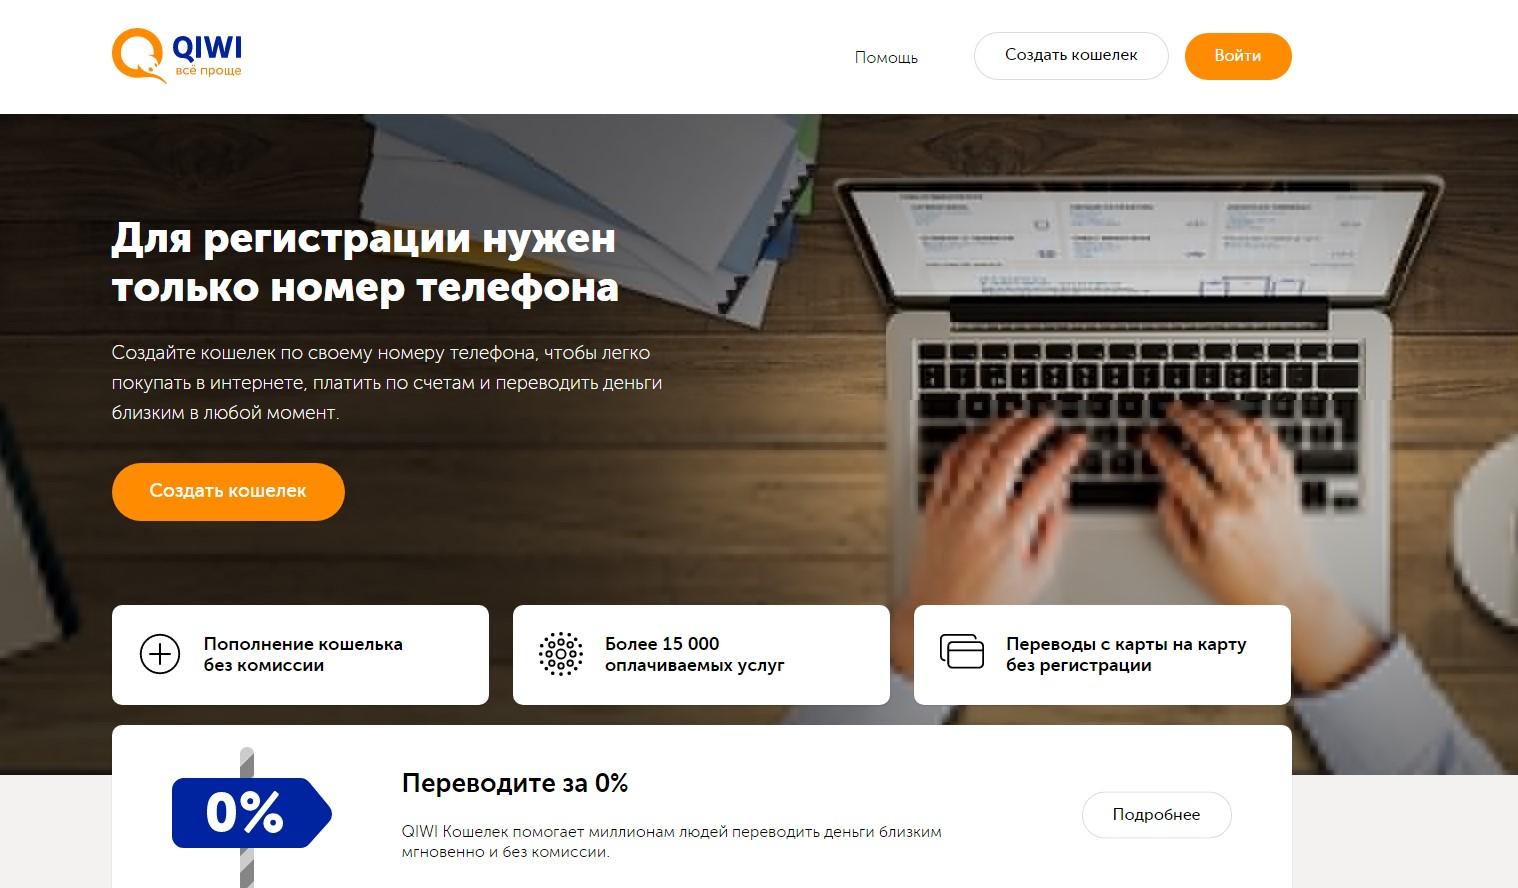 Веб страница для регистрации